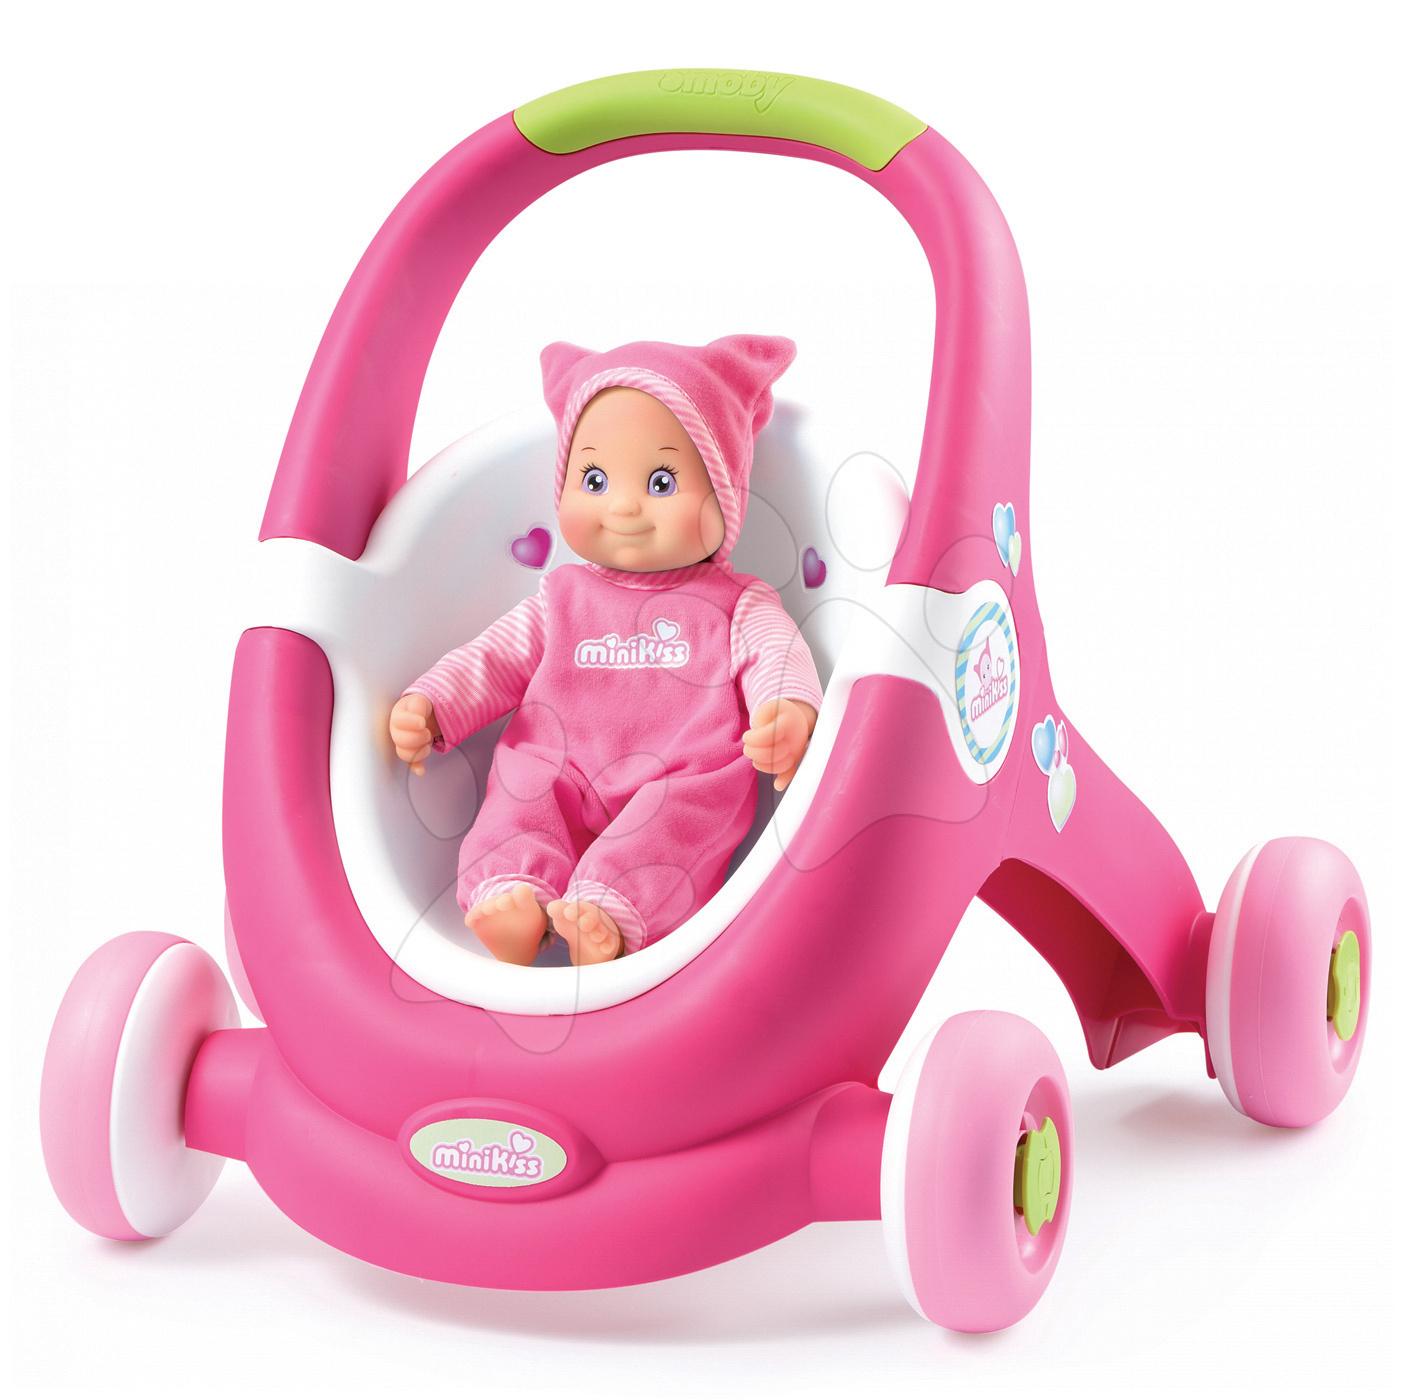 Chodítko a kočiarik pre bábiku 2v1 MiniKiss Smoby s brzdou od 12 mes